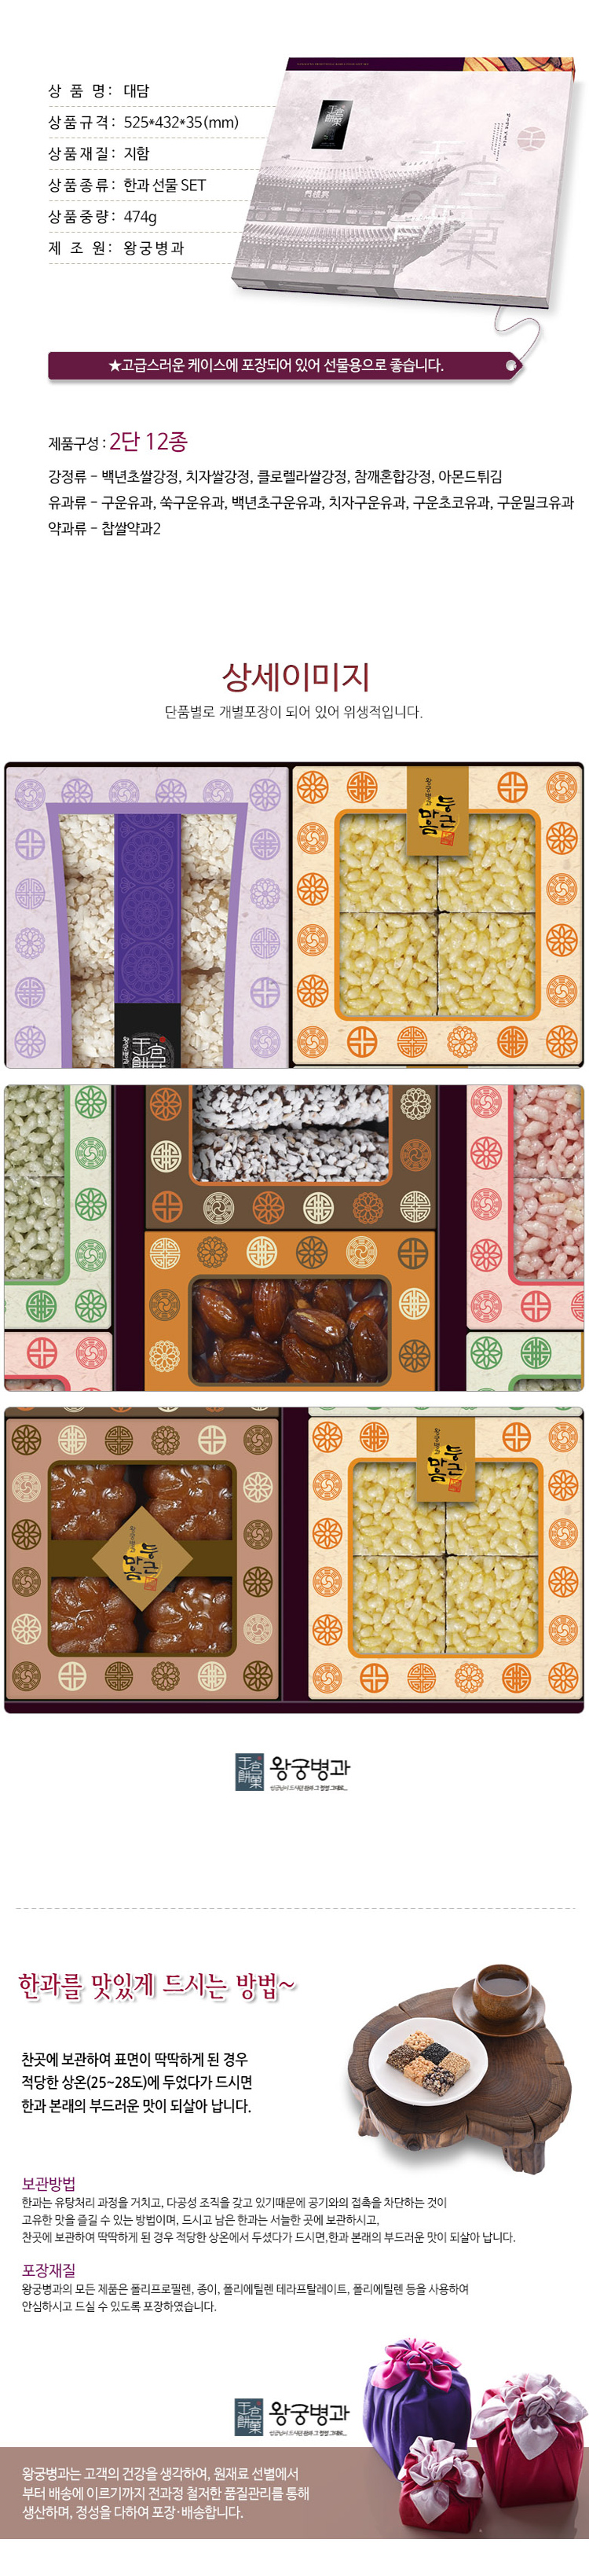 한과세트,병과세트,유과,견과,이바지,선물세트,한과,전통과자